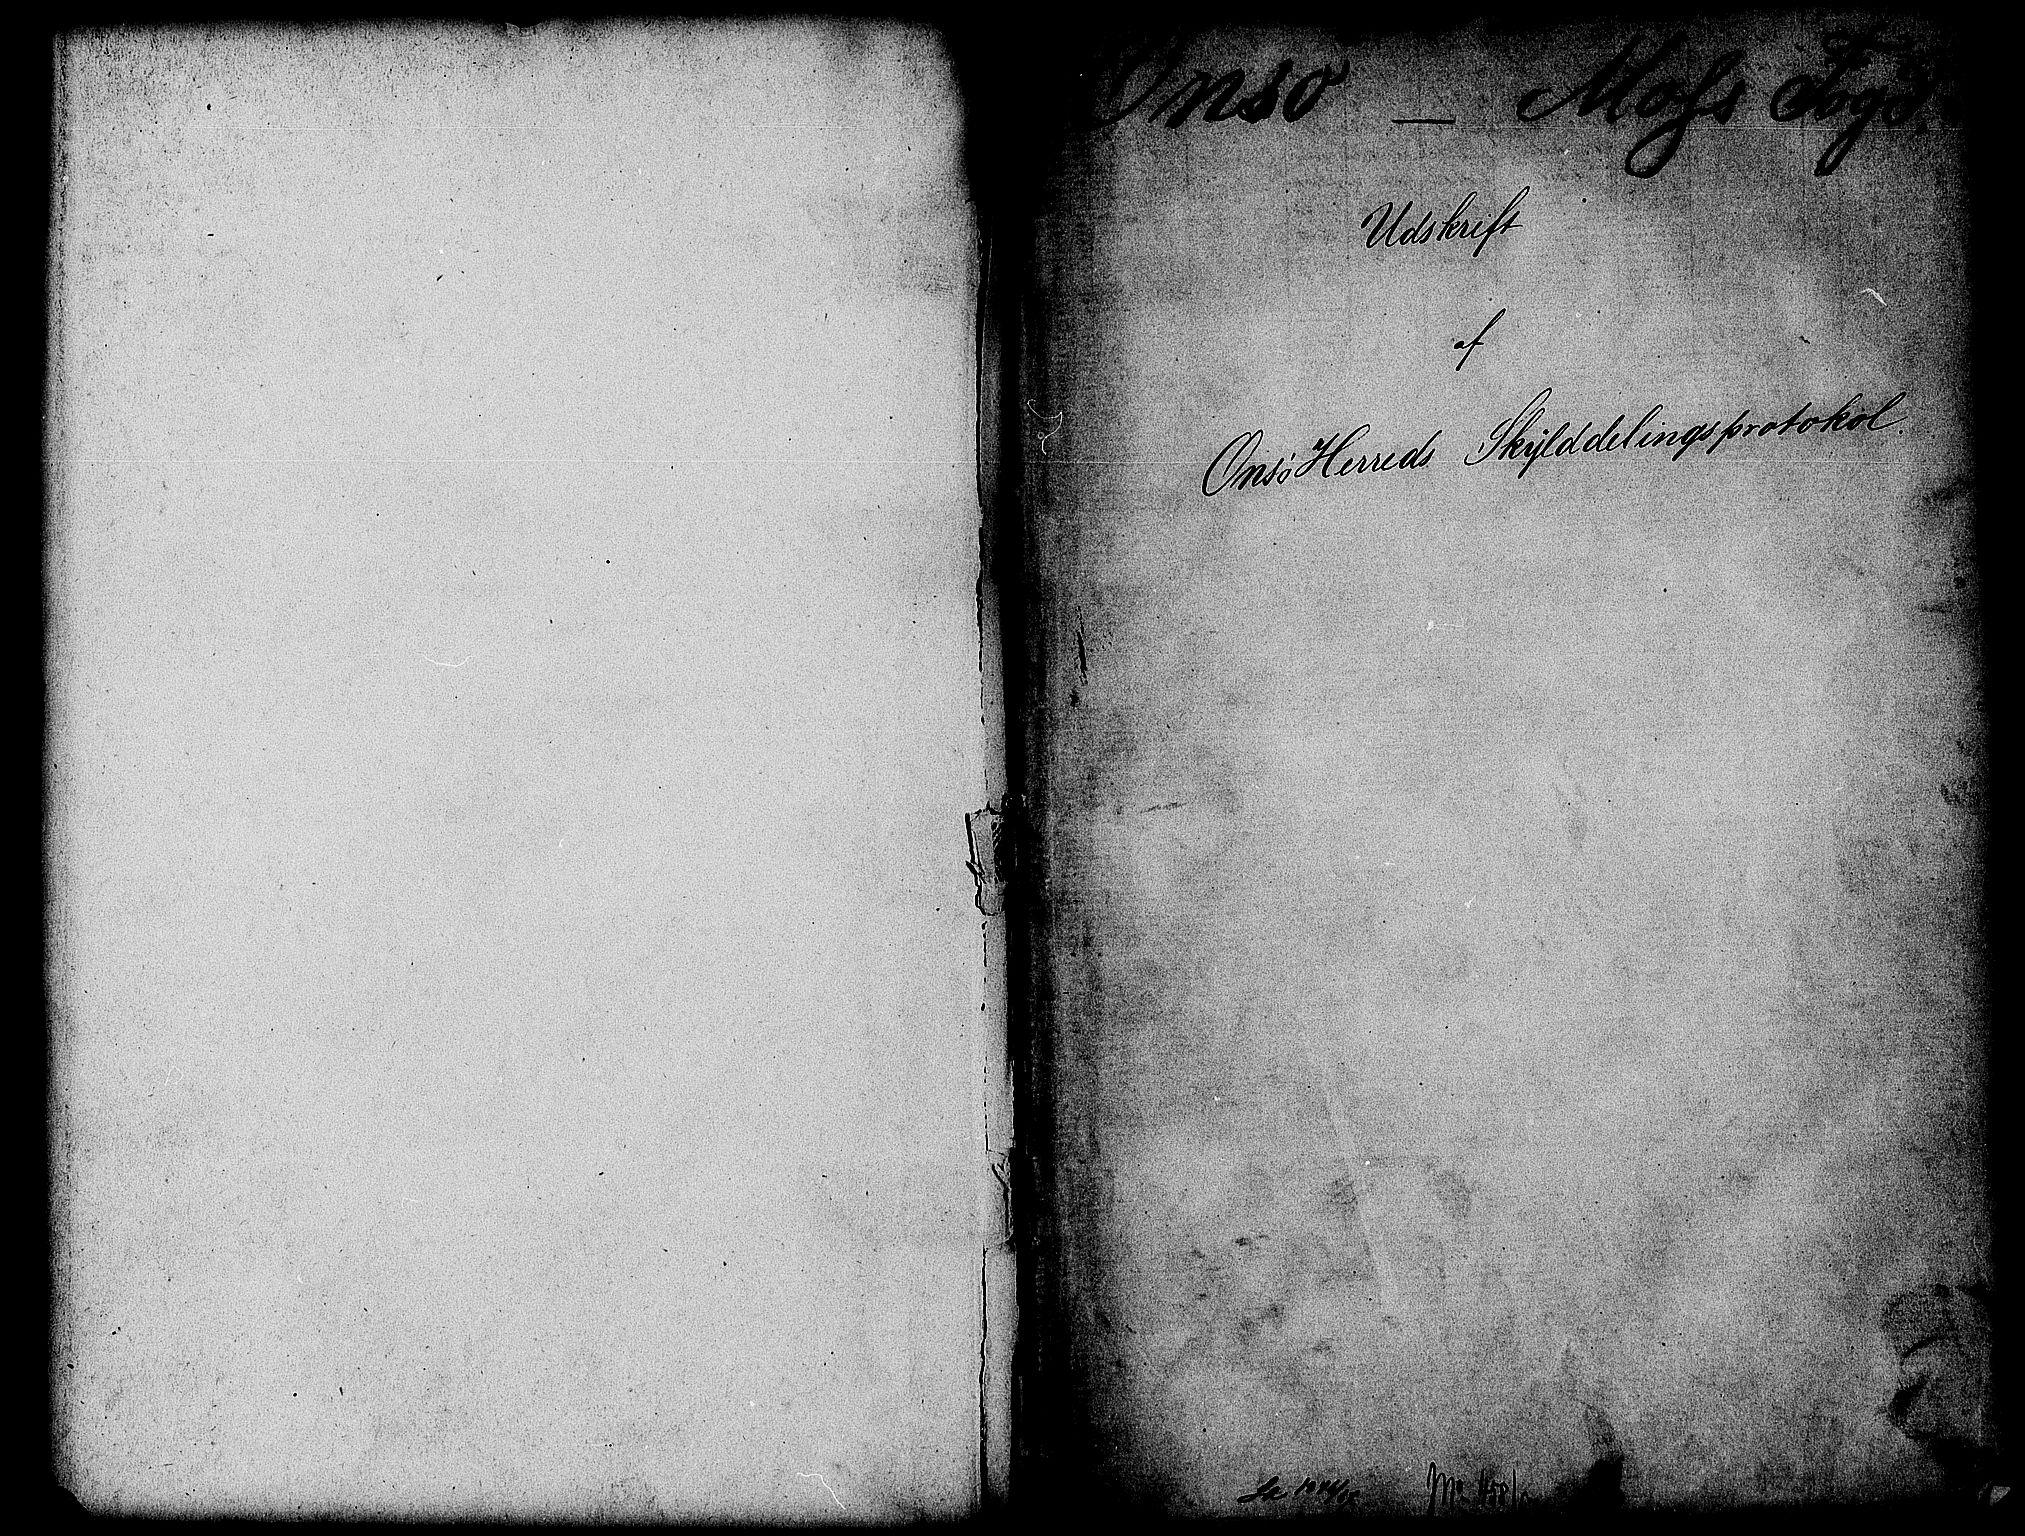 RA, Matrikkelrevisjonen av 1863, F/Fe/L0016: Glemmen og Kråkerøy, 1863